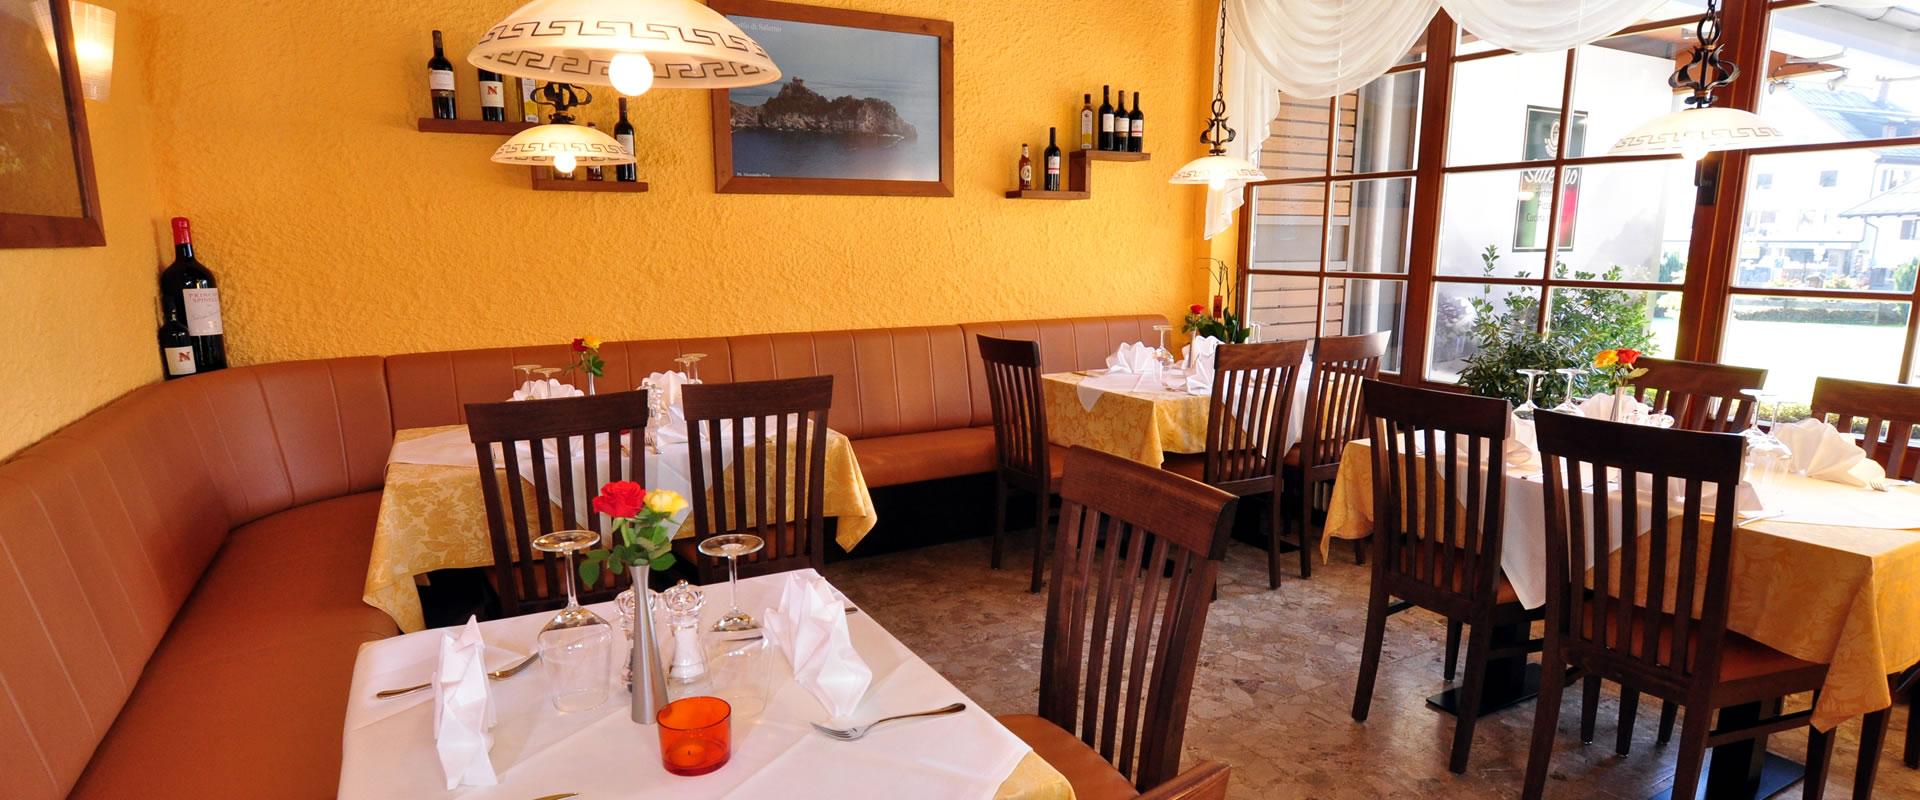 salerno-restaurant2